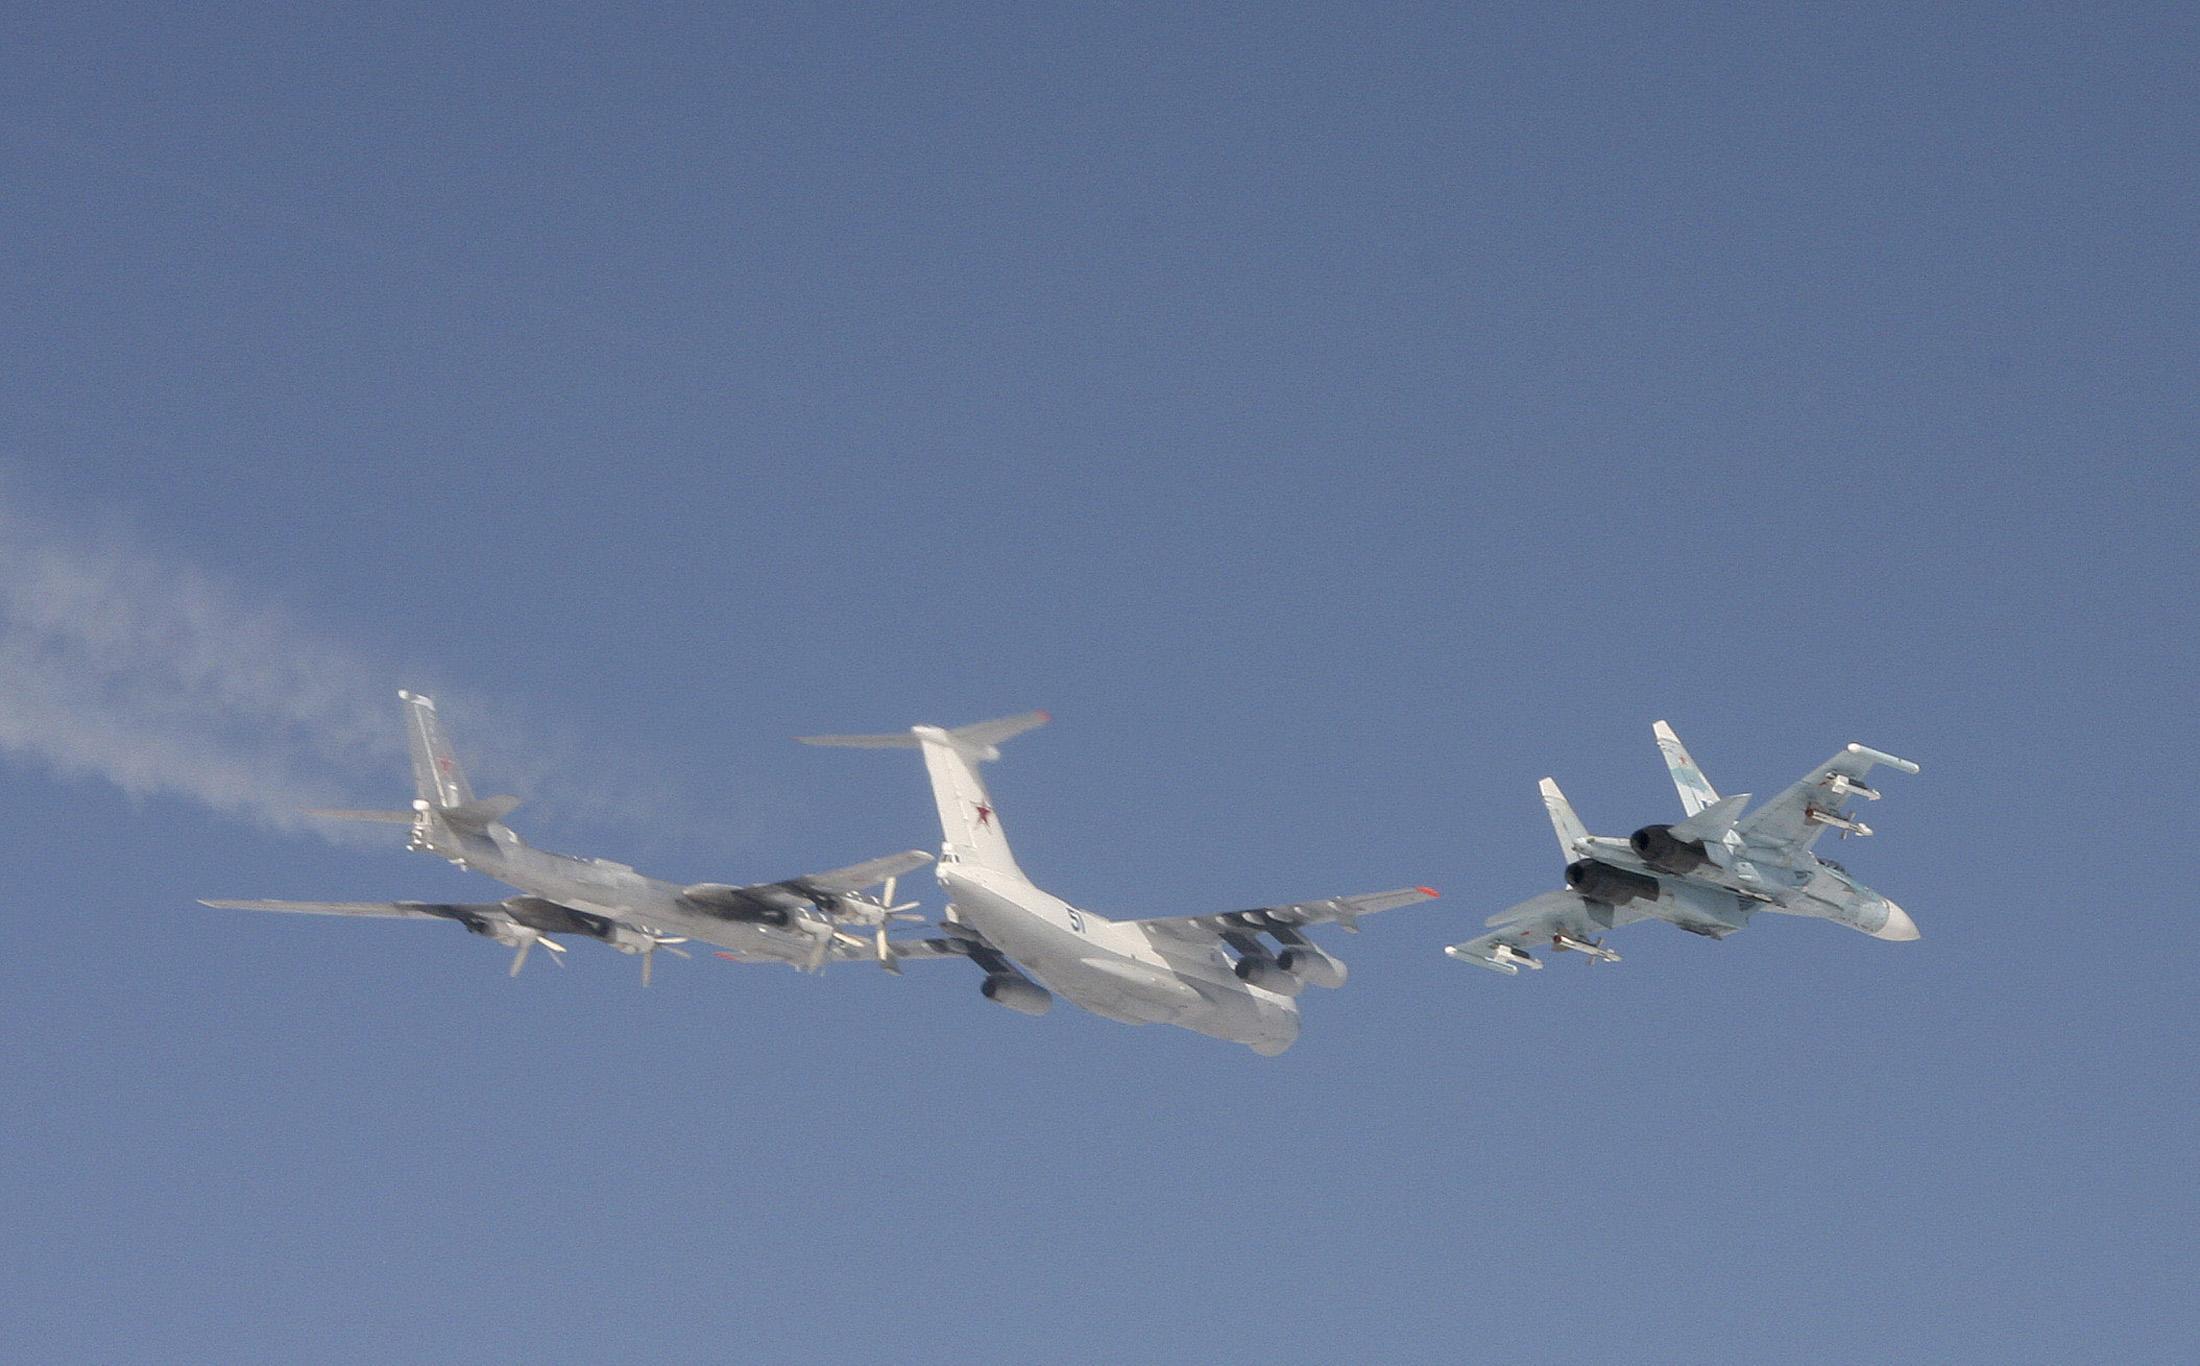 Самая интенсивная неделя: истребители НАТО сопроводили над Балтикой 32 российских борта